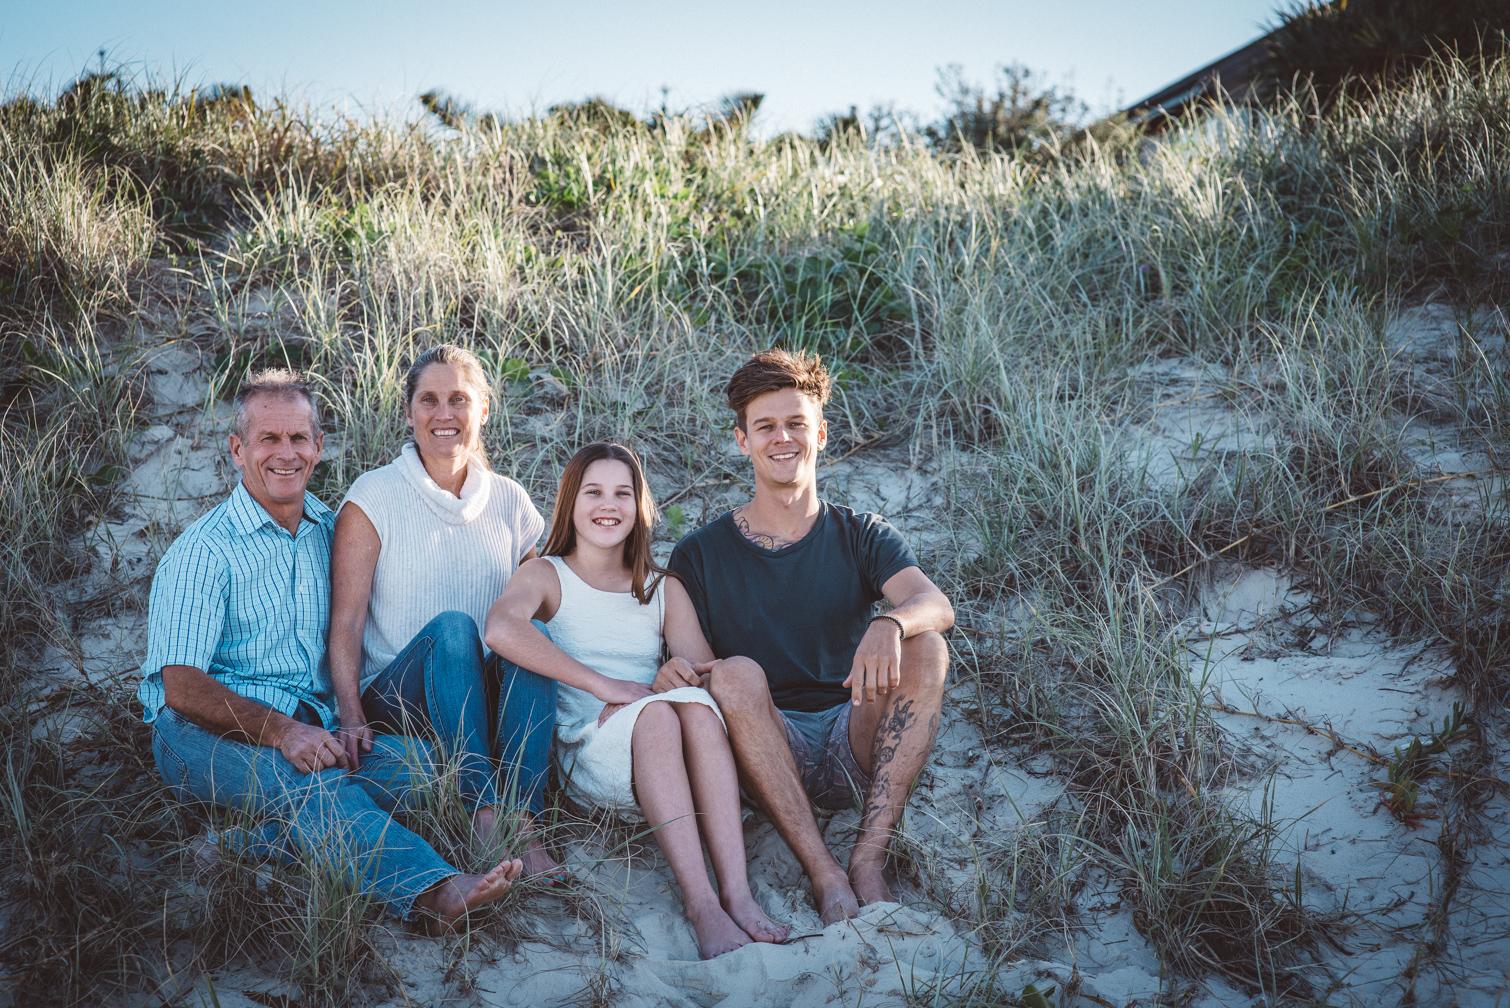 Palm_Beach_Family_Photographer_6.jpg